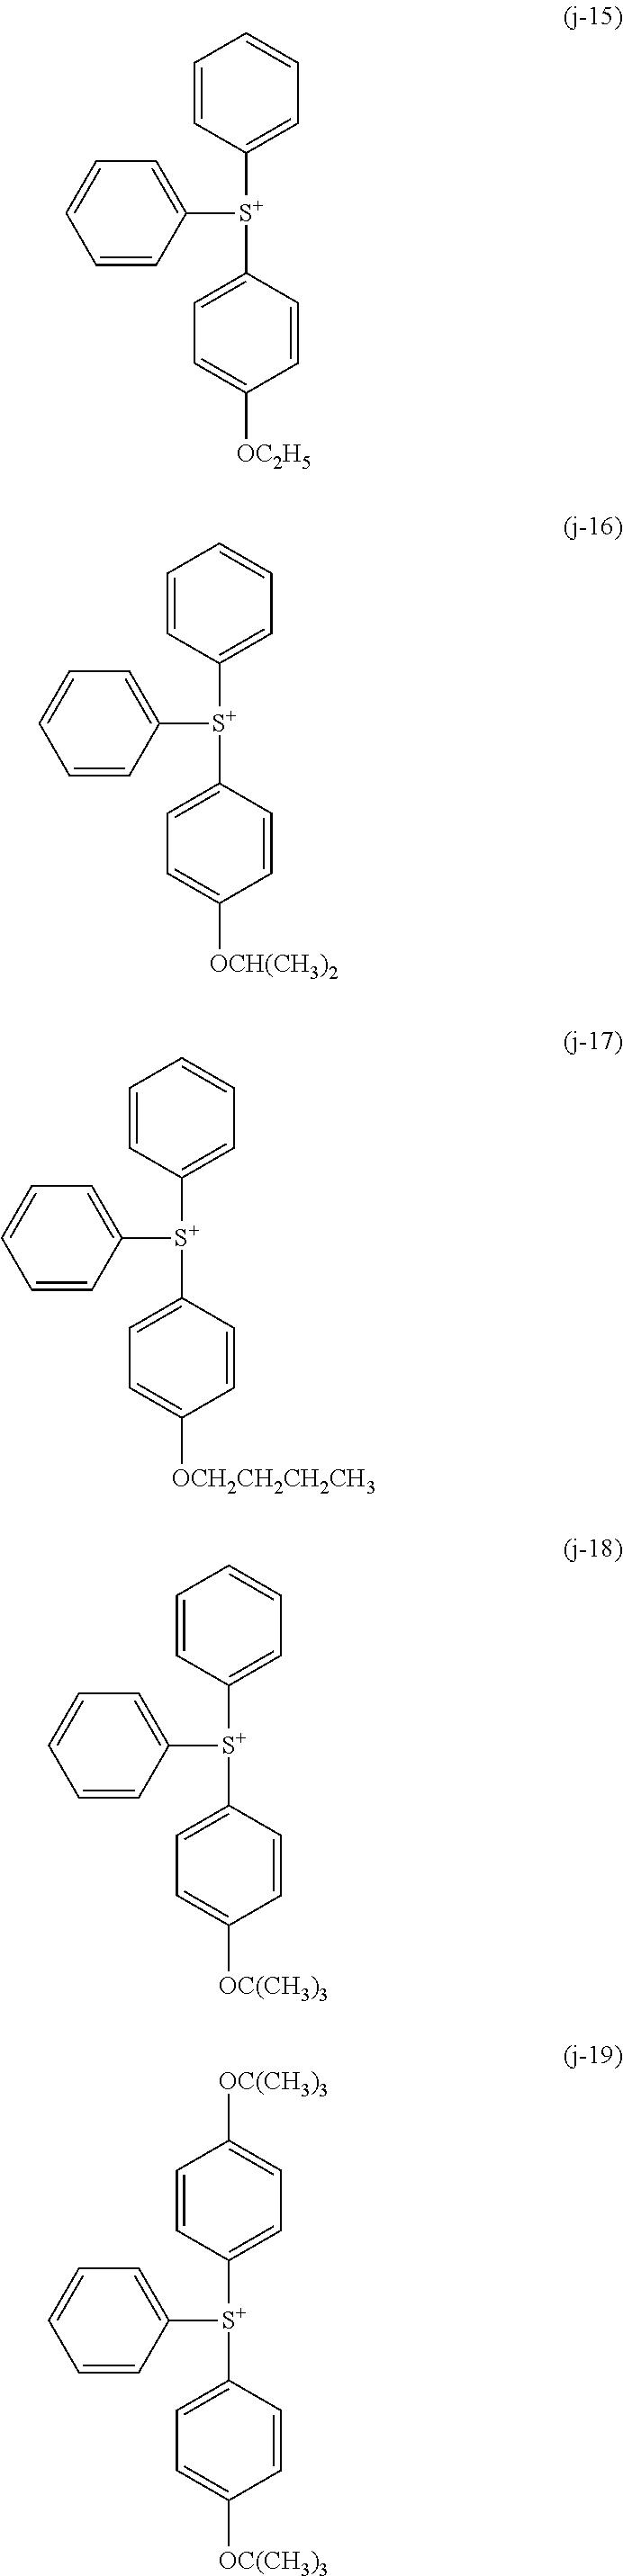 Figure US08507575-20130813-C00021